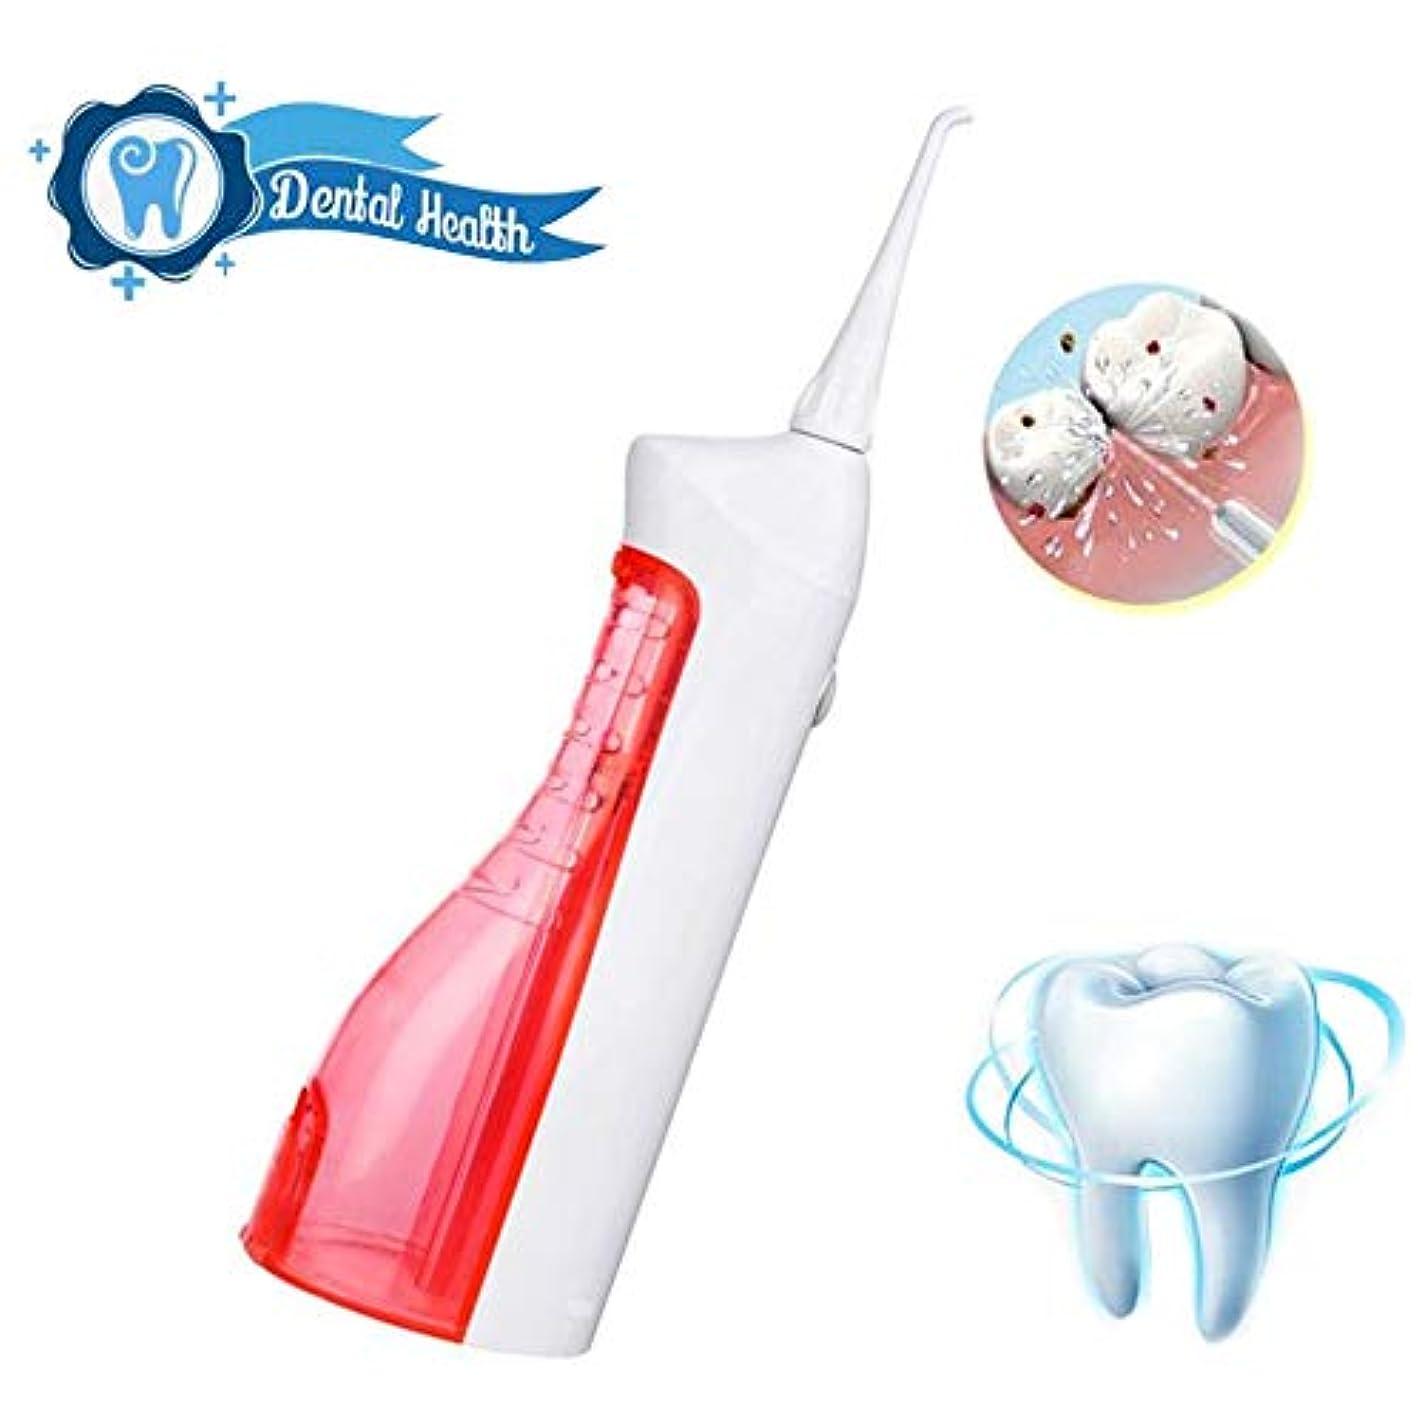 宗教的な意識何十人も歯のためのウォーターフロッサー、ポータブルプロフェッショナルコードレス歯科口腔灌漑器(150mlタンク、2本のジェットチップ付き)歯磨き粉用クリーナー、2つのクリーニングモード、USB充電式、IPX7